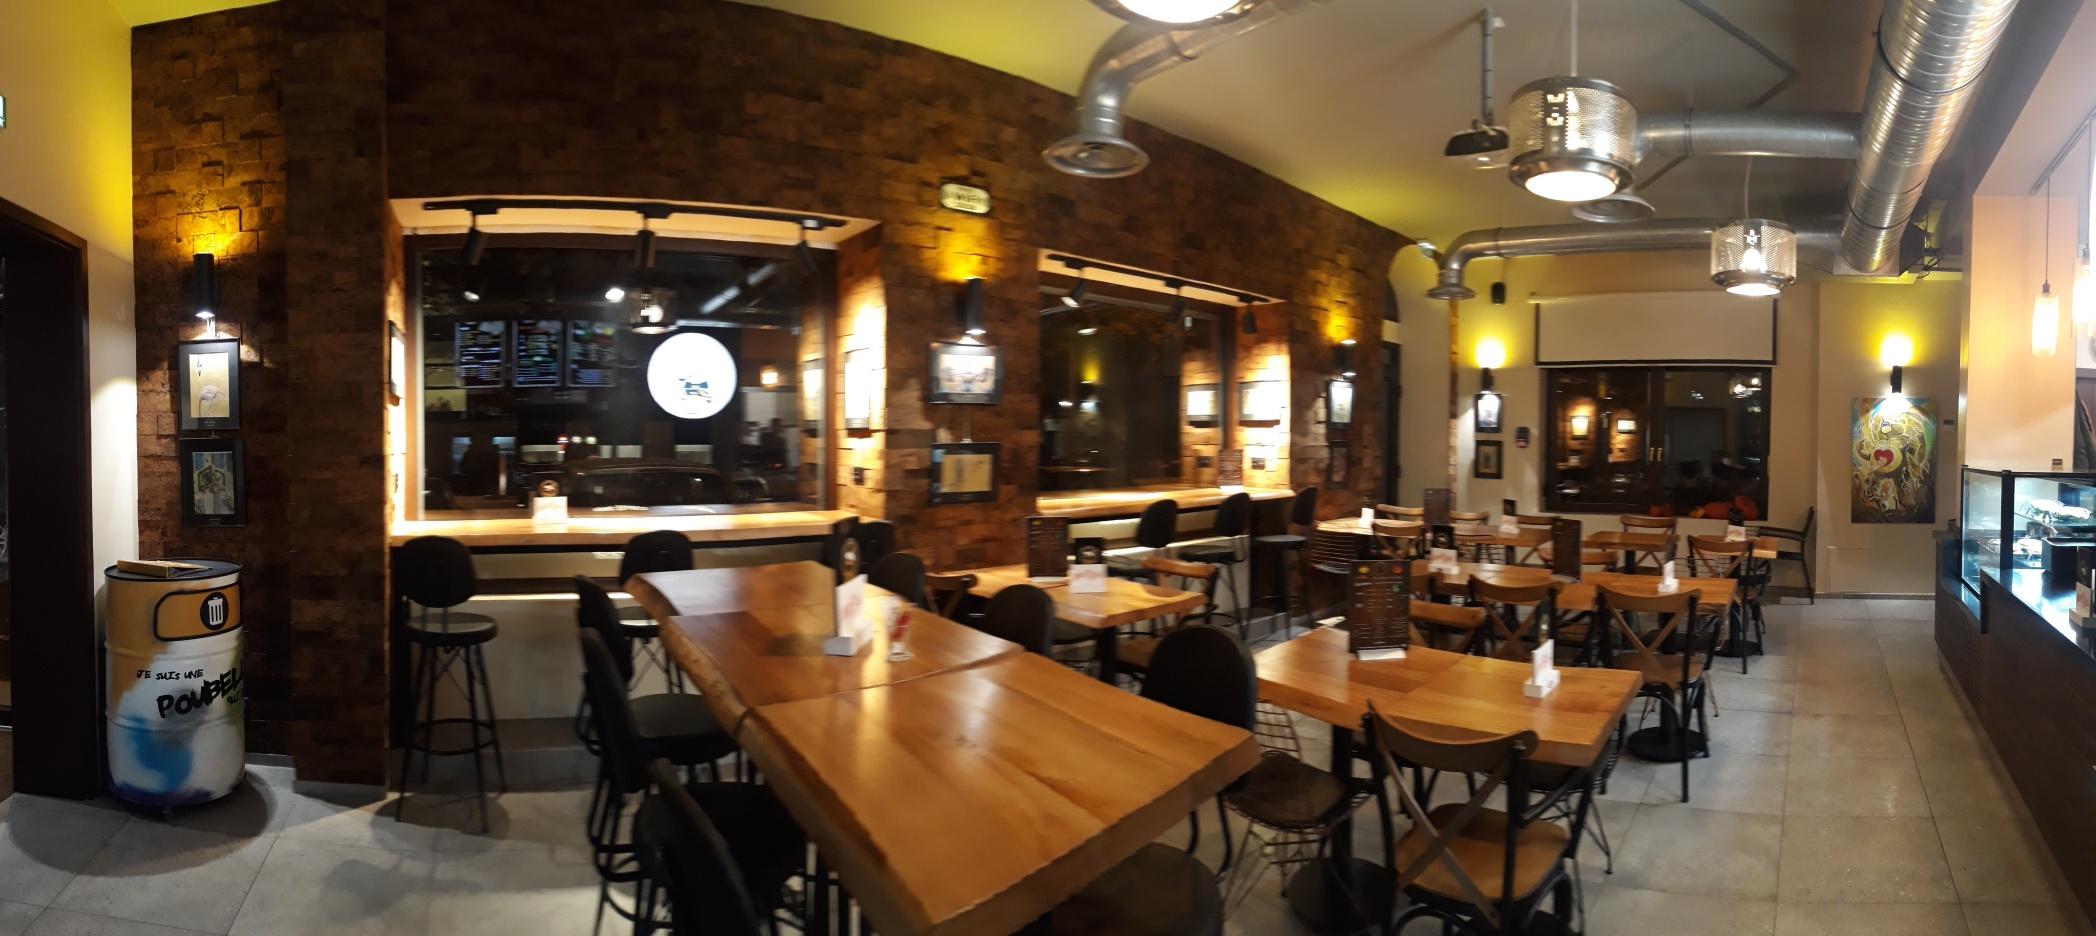 Le restaurant aujourd'hui